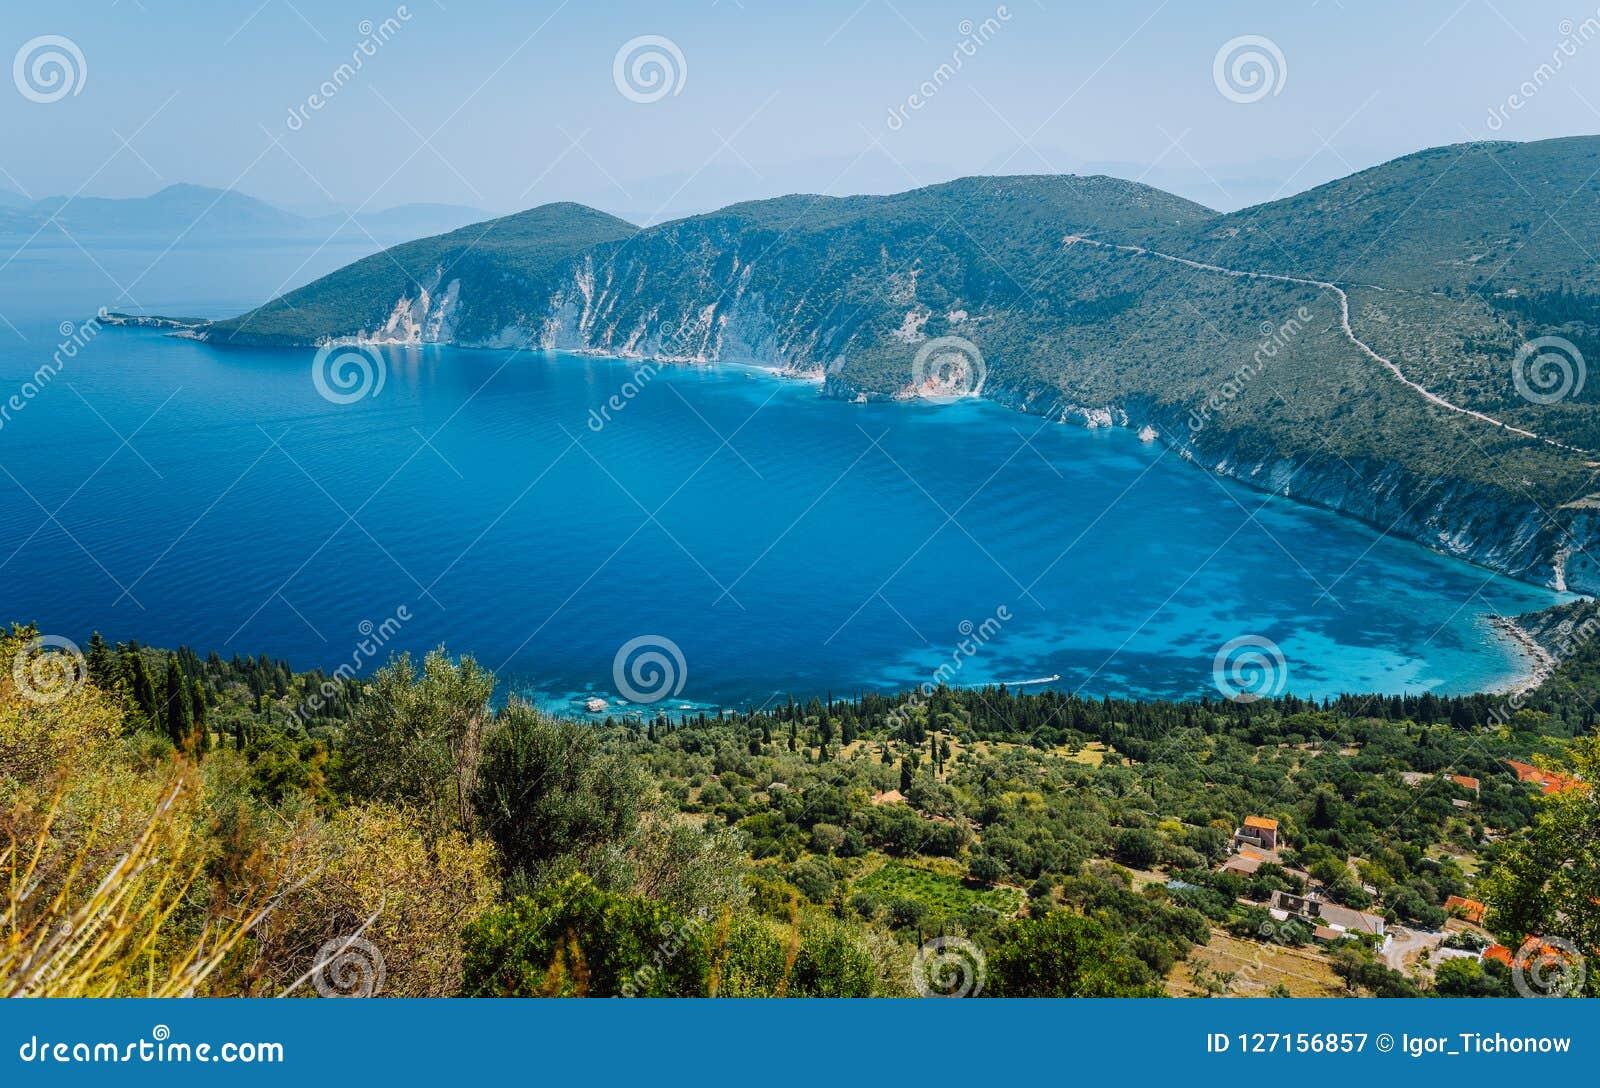 Verbazend landschap van mediterraan eiland De vakantie van de zomer Griekenland, eiland ithaki-Mening van de schilderachtige baai